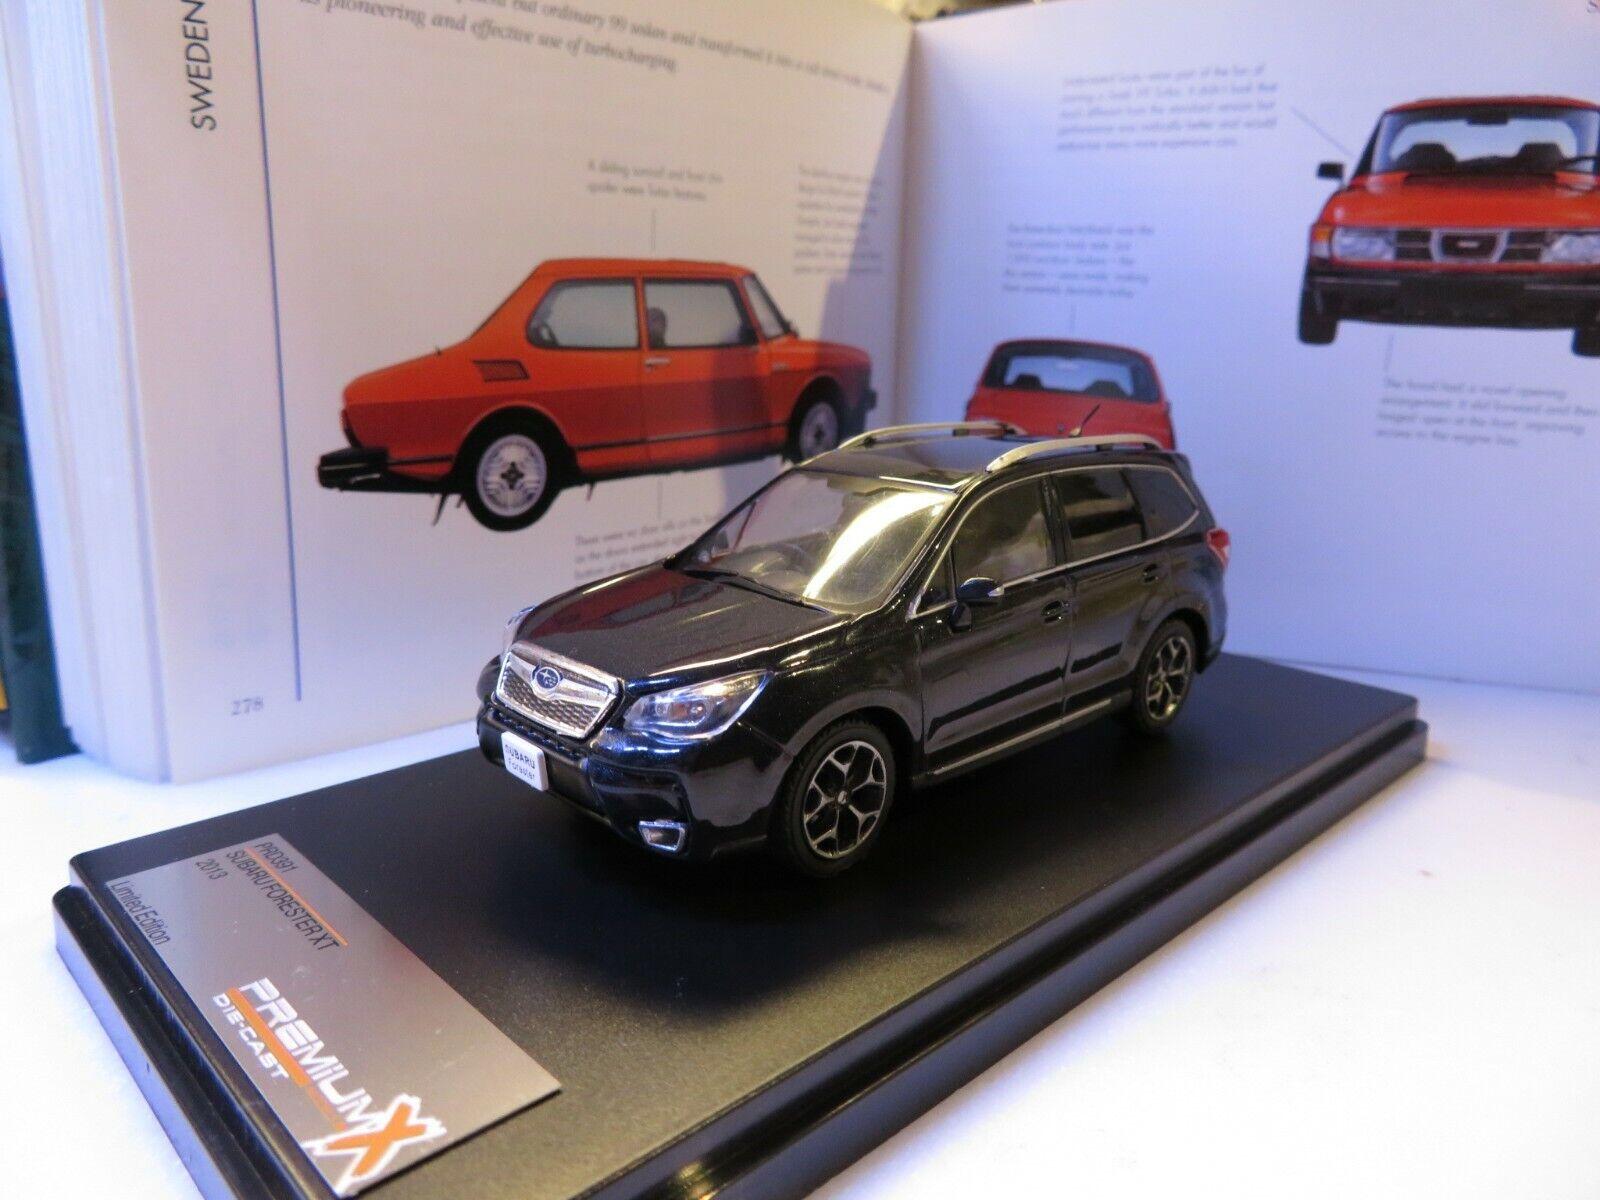 acquista la qualità autentica al 100% 1 43 43 43 Subaru Forester XT 2013 diecast (RHD)  Spedizione gratuita per tutti gli ordini